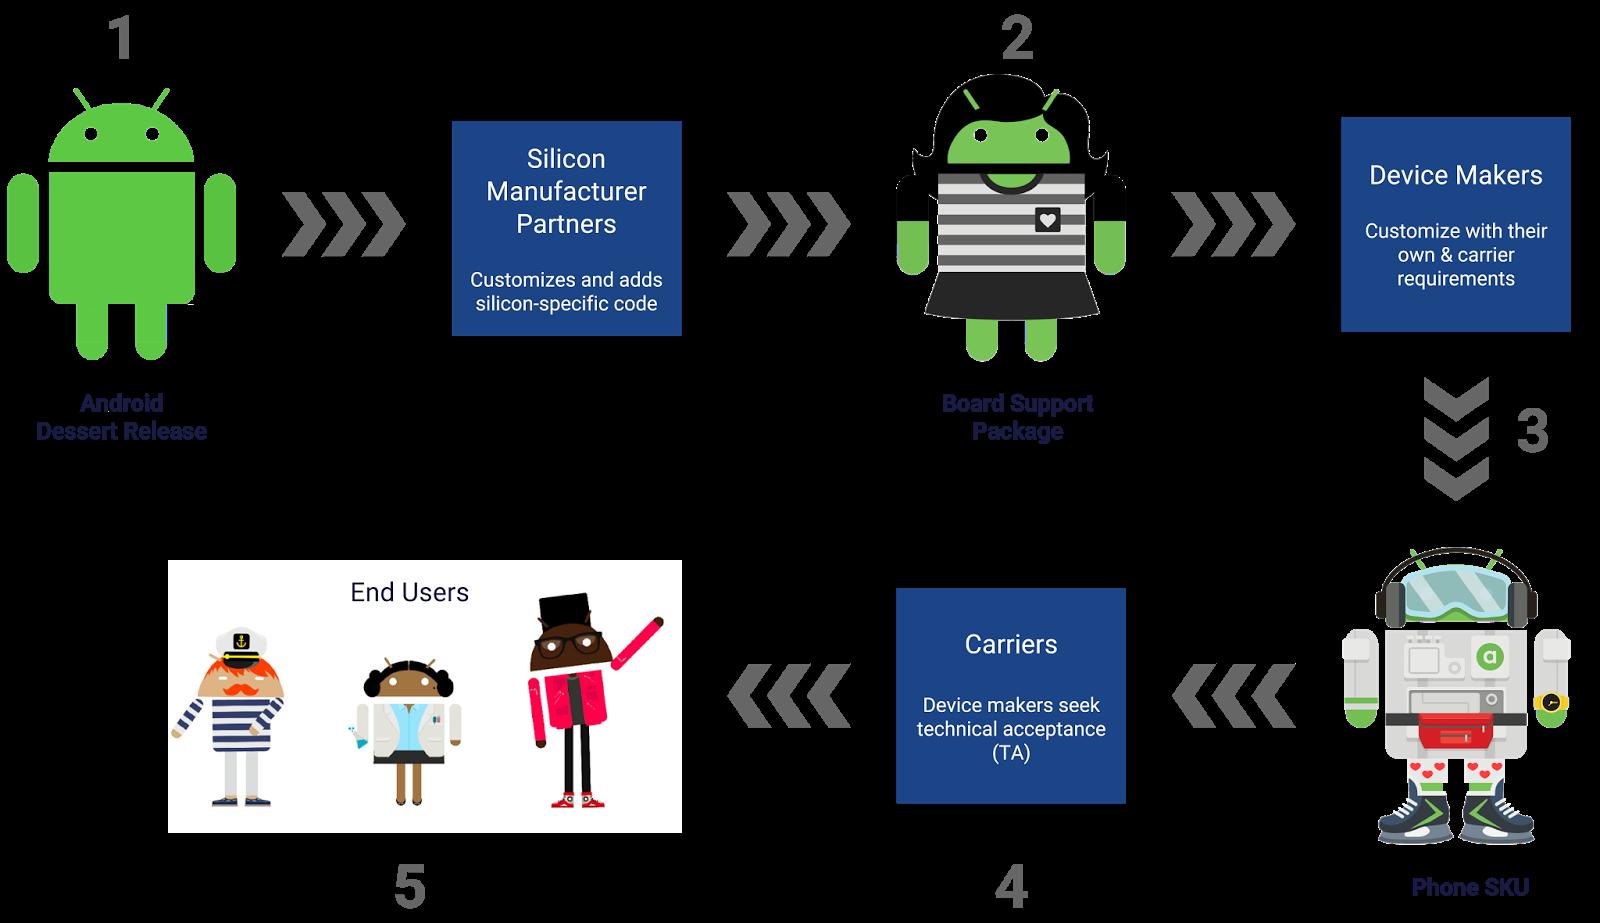 Google упростила вендорам подготовку обновлений Android - 1